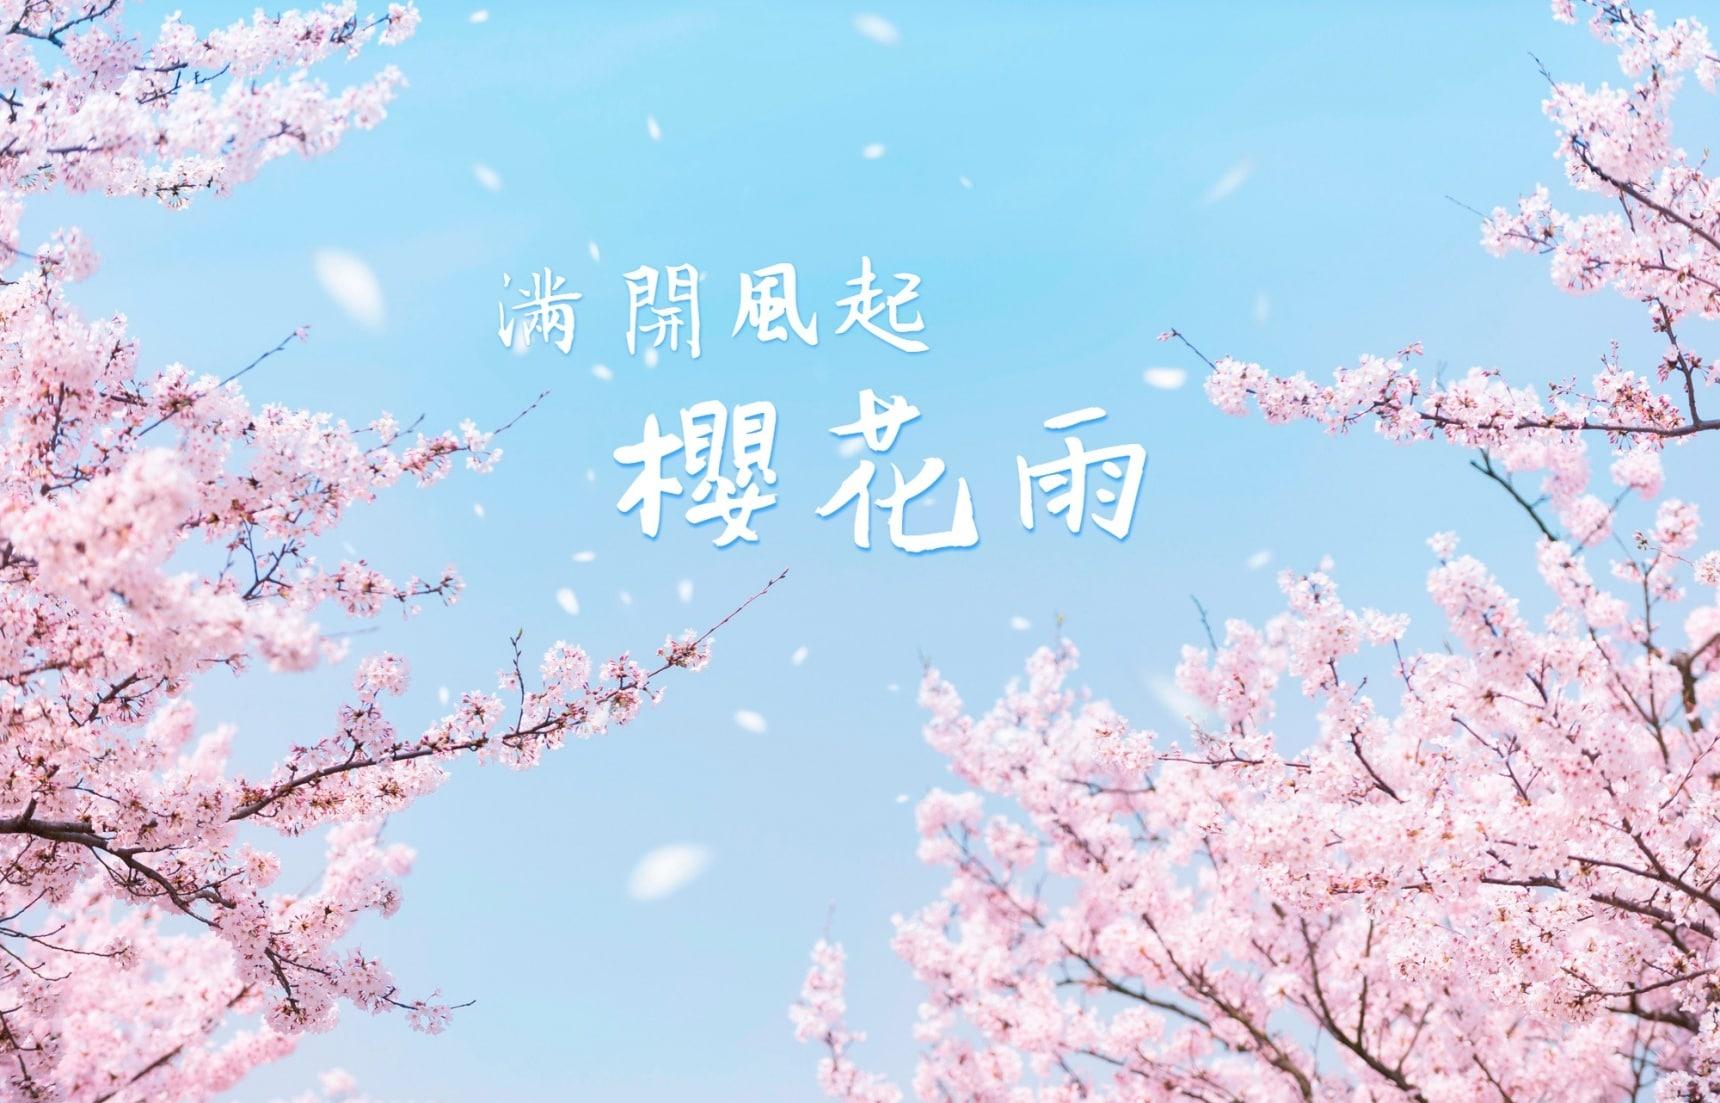 開花時間無所謂,滿開時間才重要! 2019賞櫻花期全攻略懶人包+日本最佳賞櫻10大名所